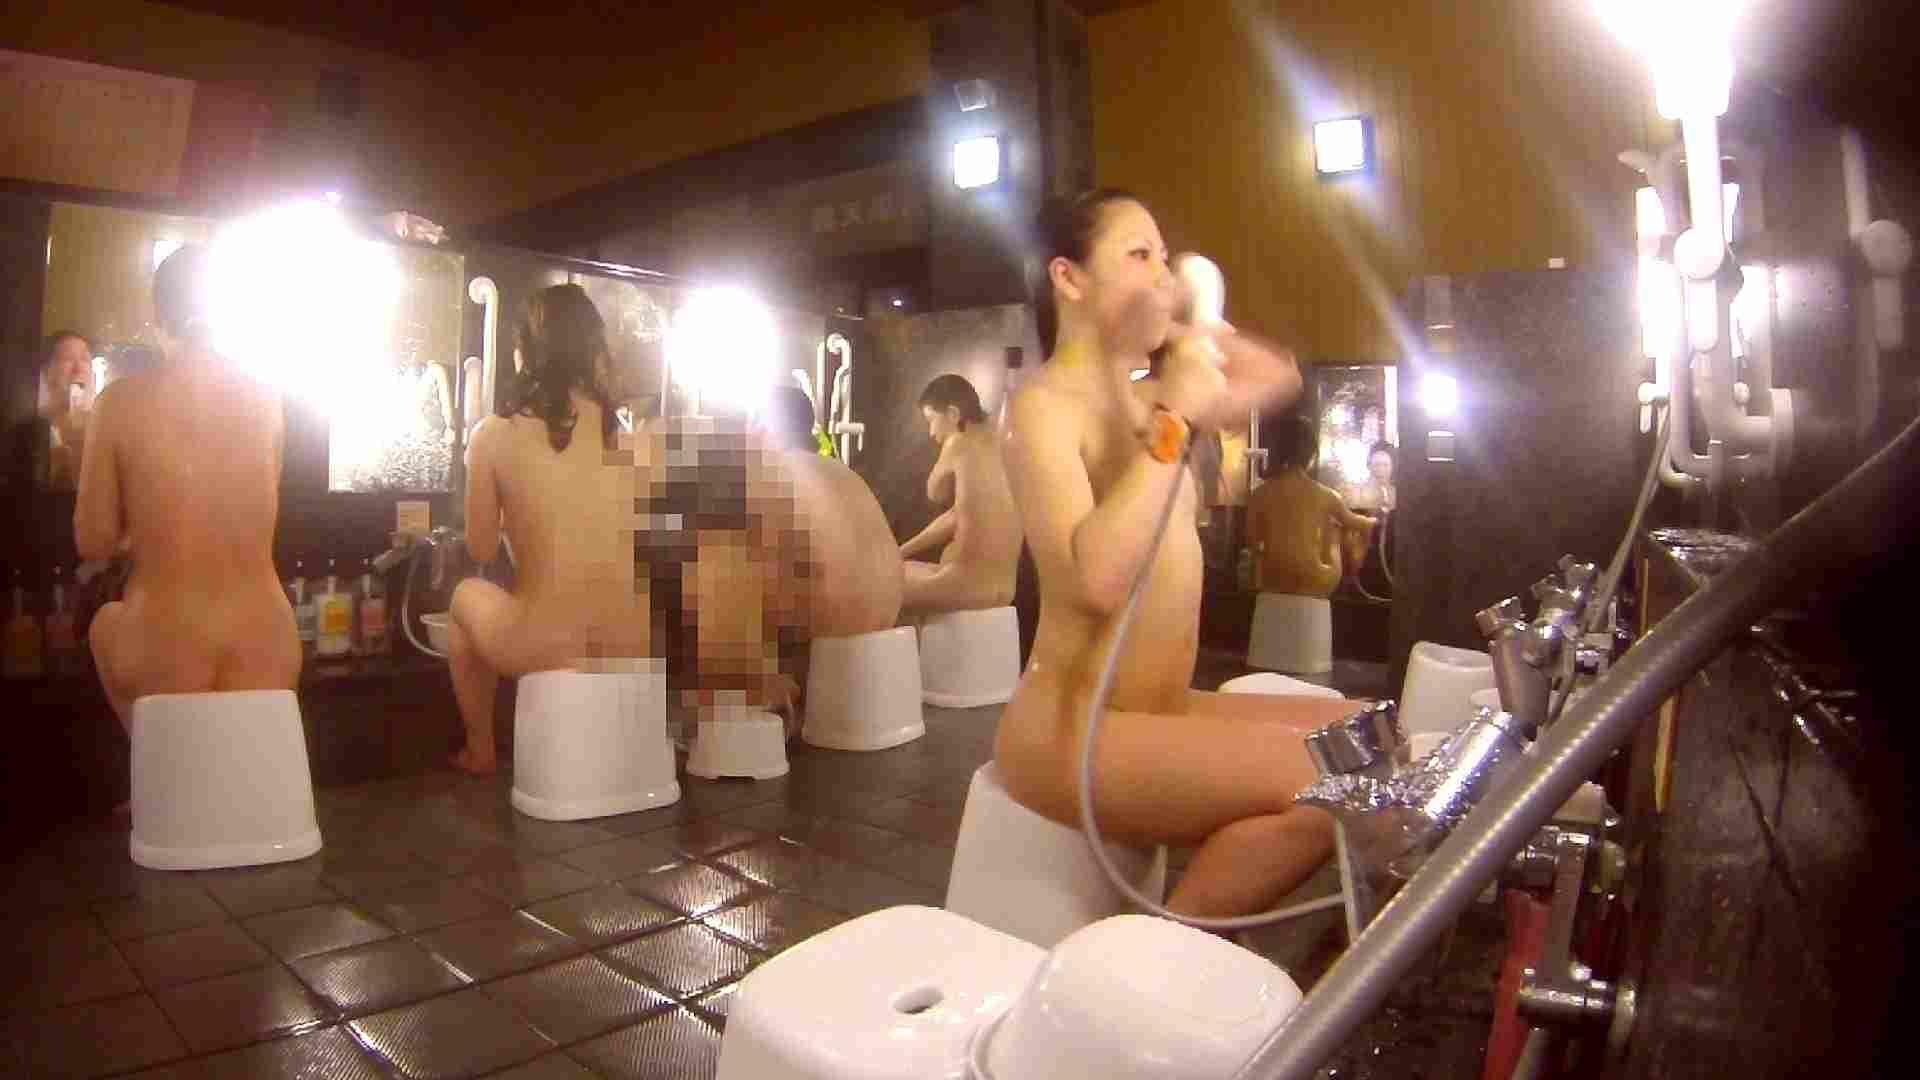 洗い場!貧乳ケバギャル発見! 細身・スレンダー ヌード画像 56画像 26